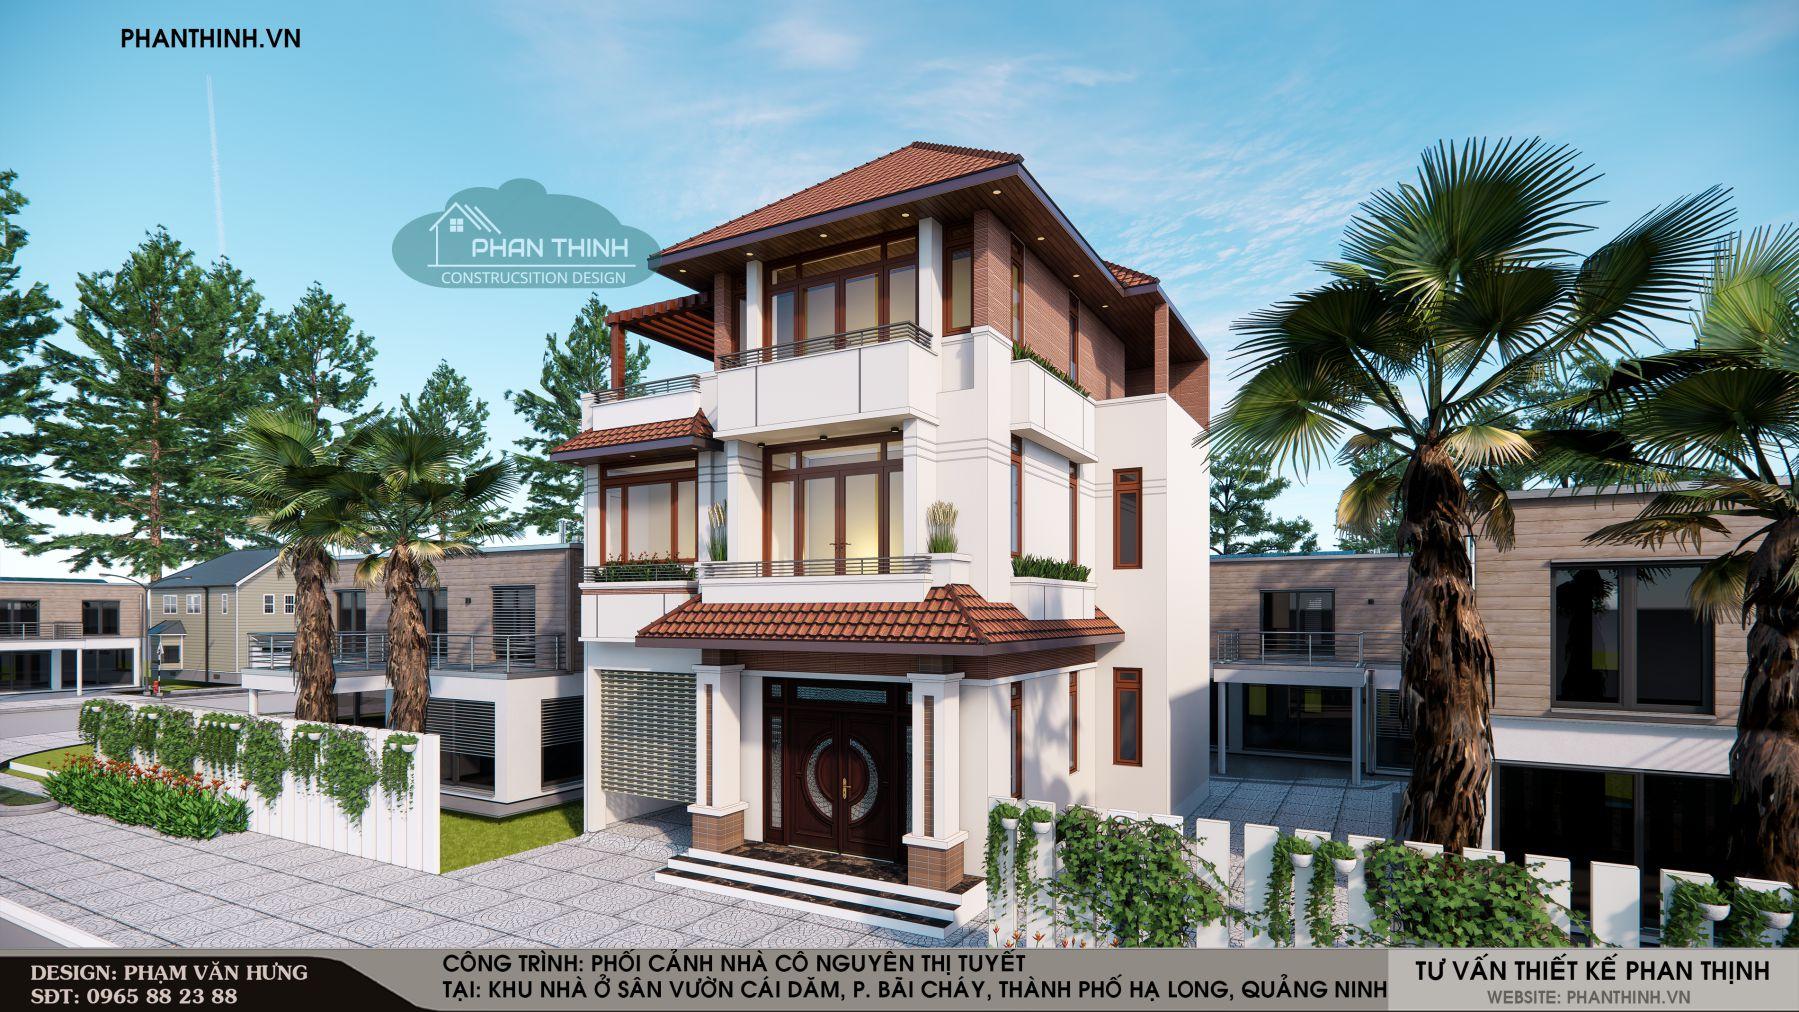 Mẫu thiết kế nhà mái thái 3 tầng hiện đại mặt tiền 10m